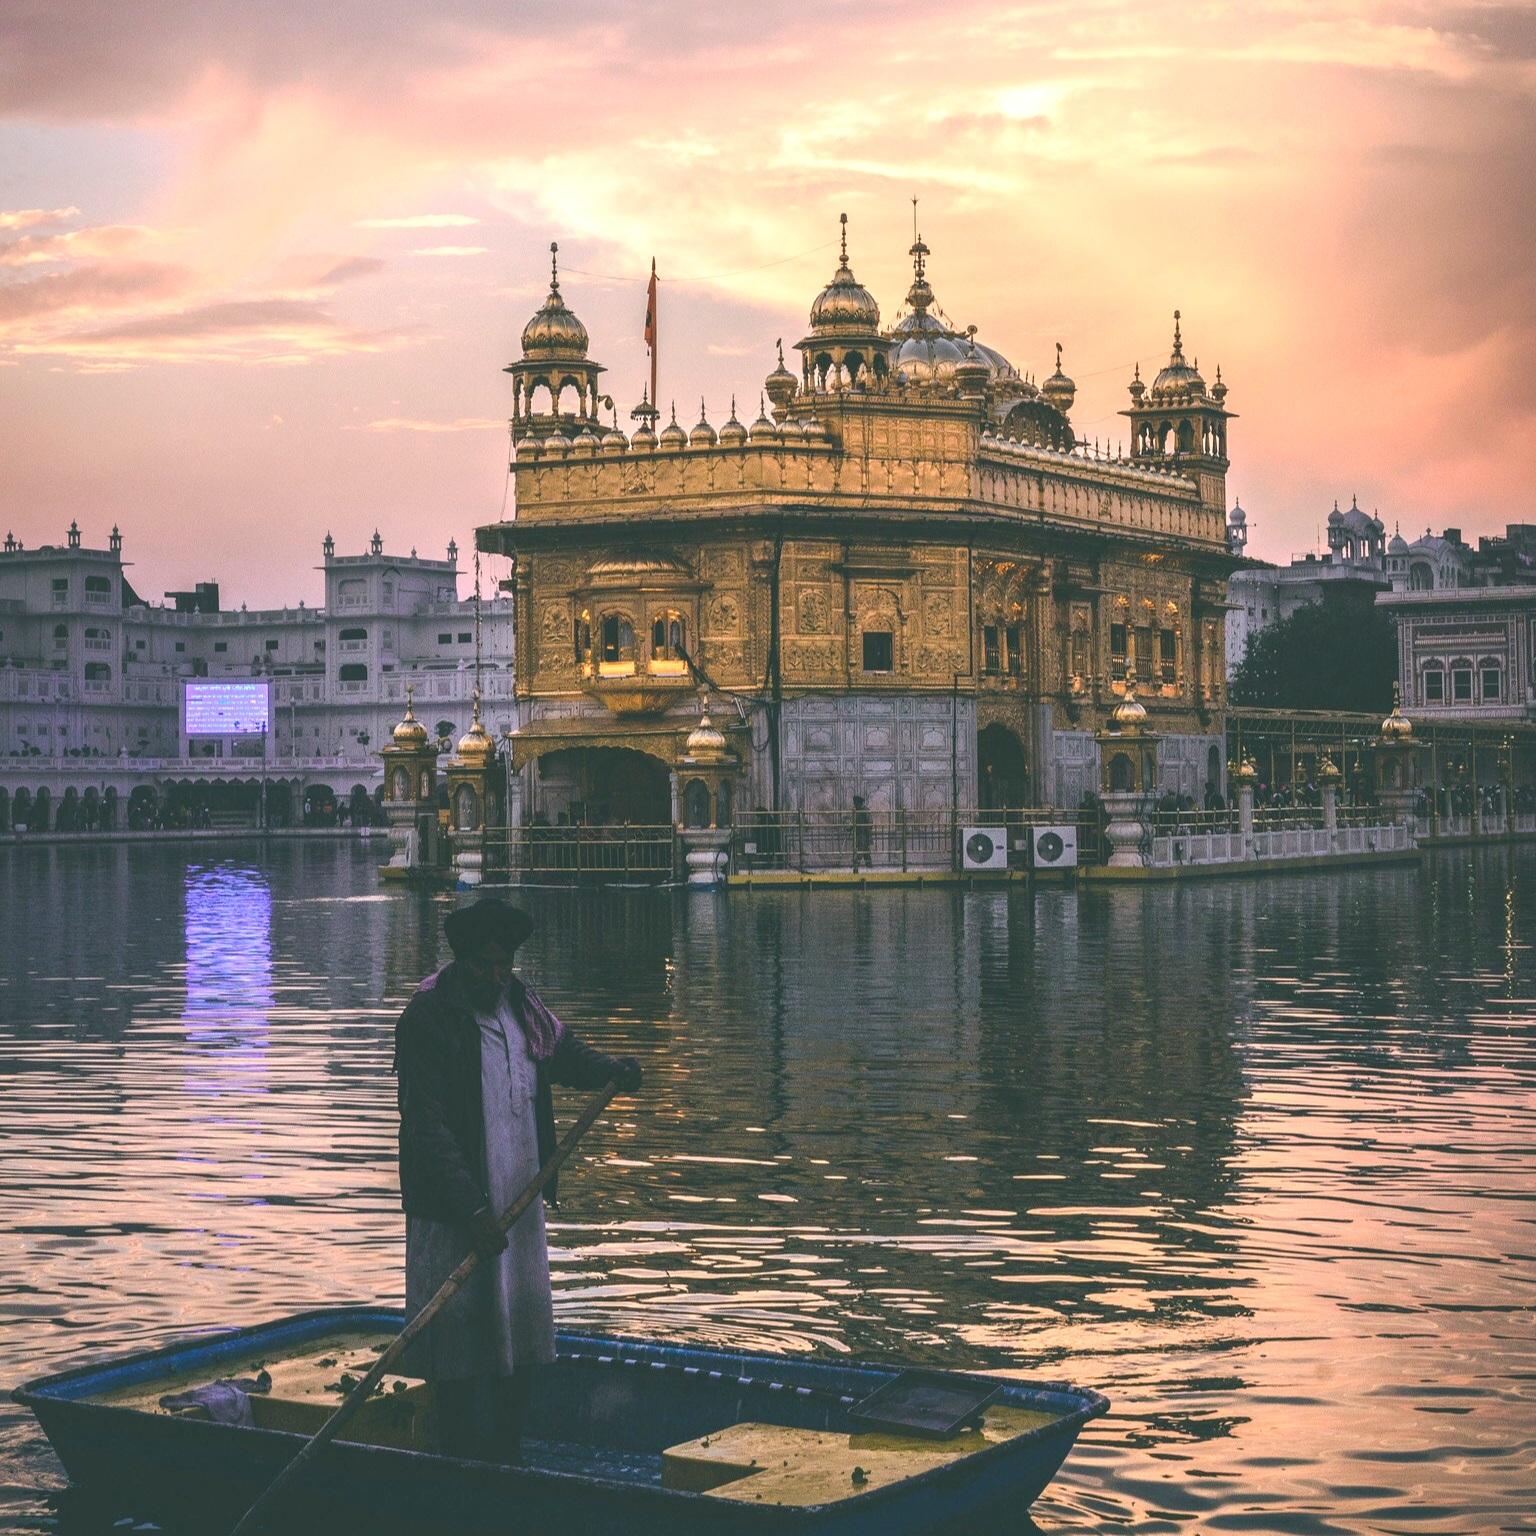 November 2020 - Diwali in Punjab